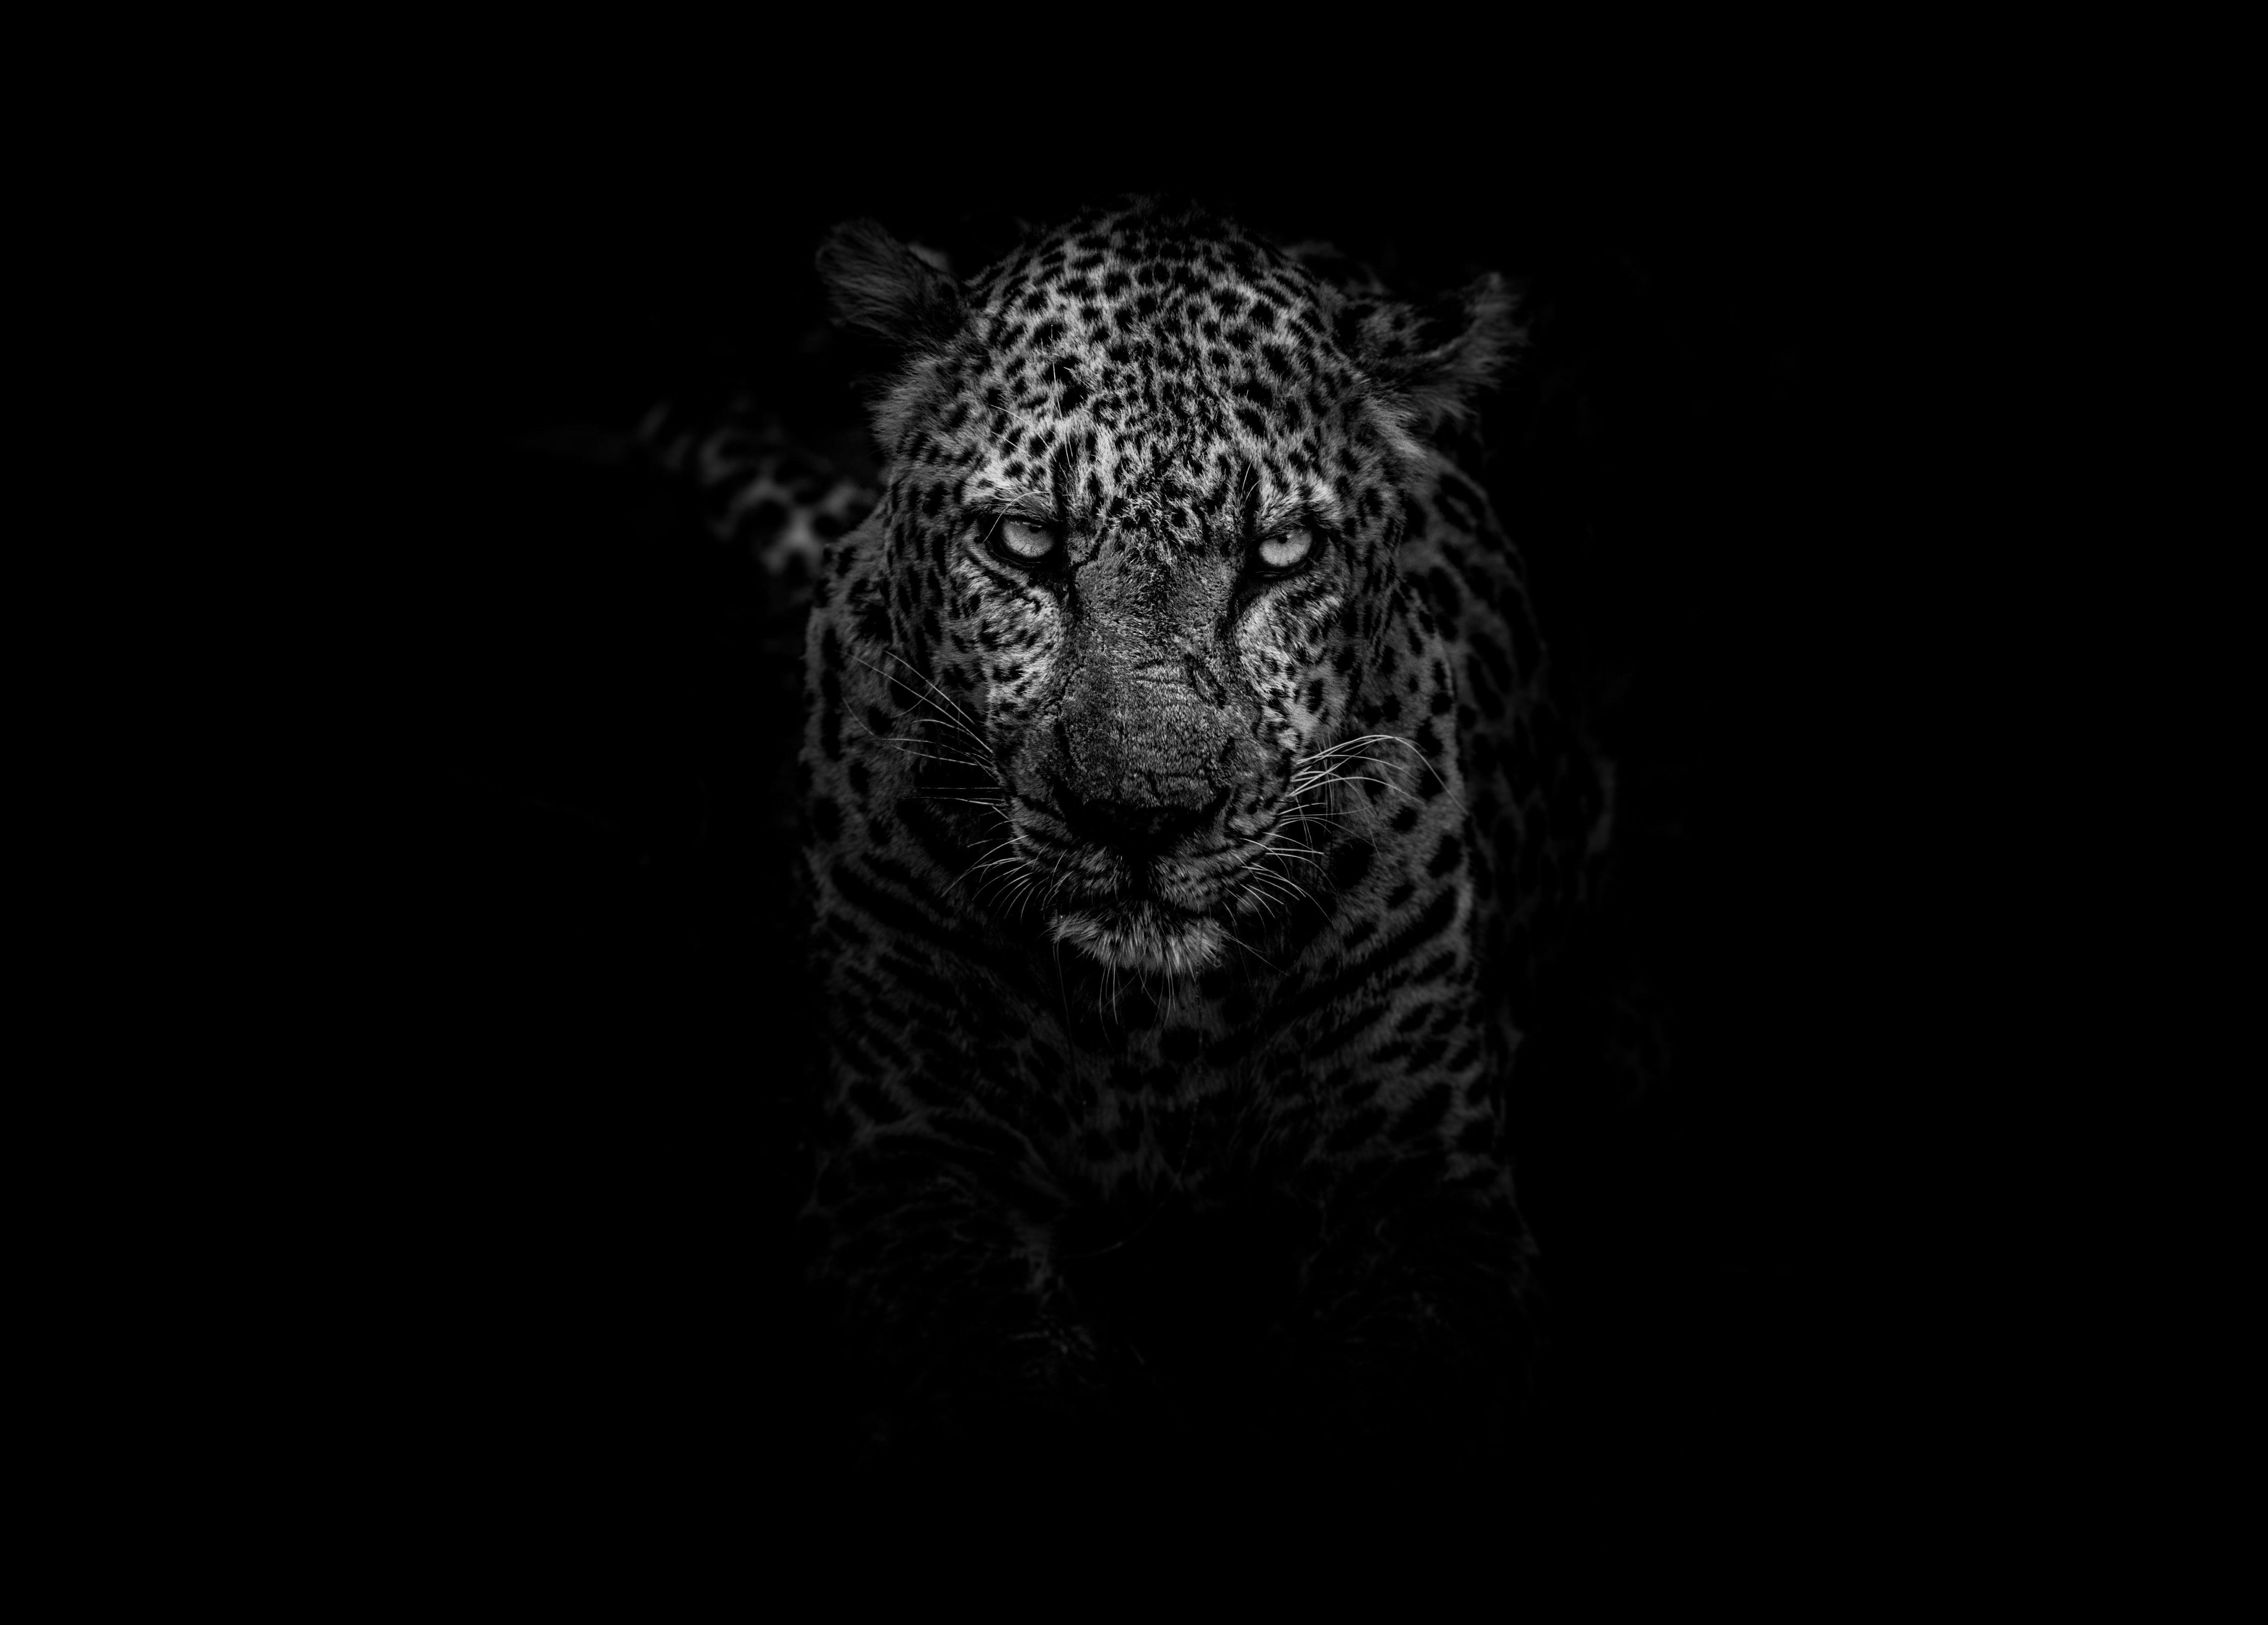 leopard animals dark hd monochrome black and white 4k 5k 5K 5498x3940